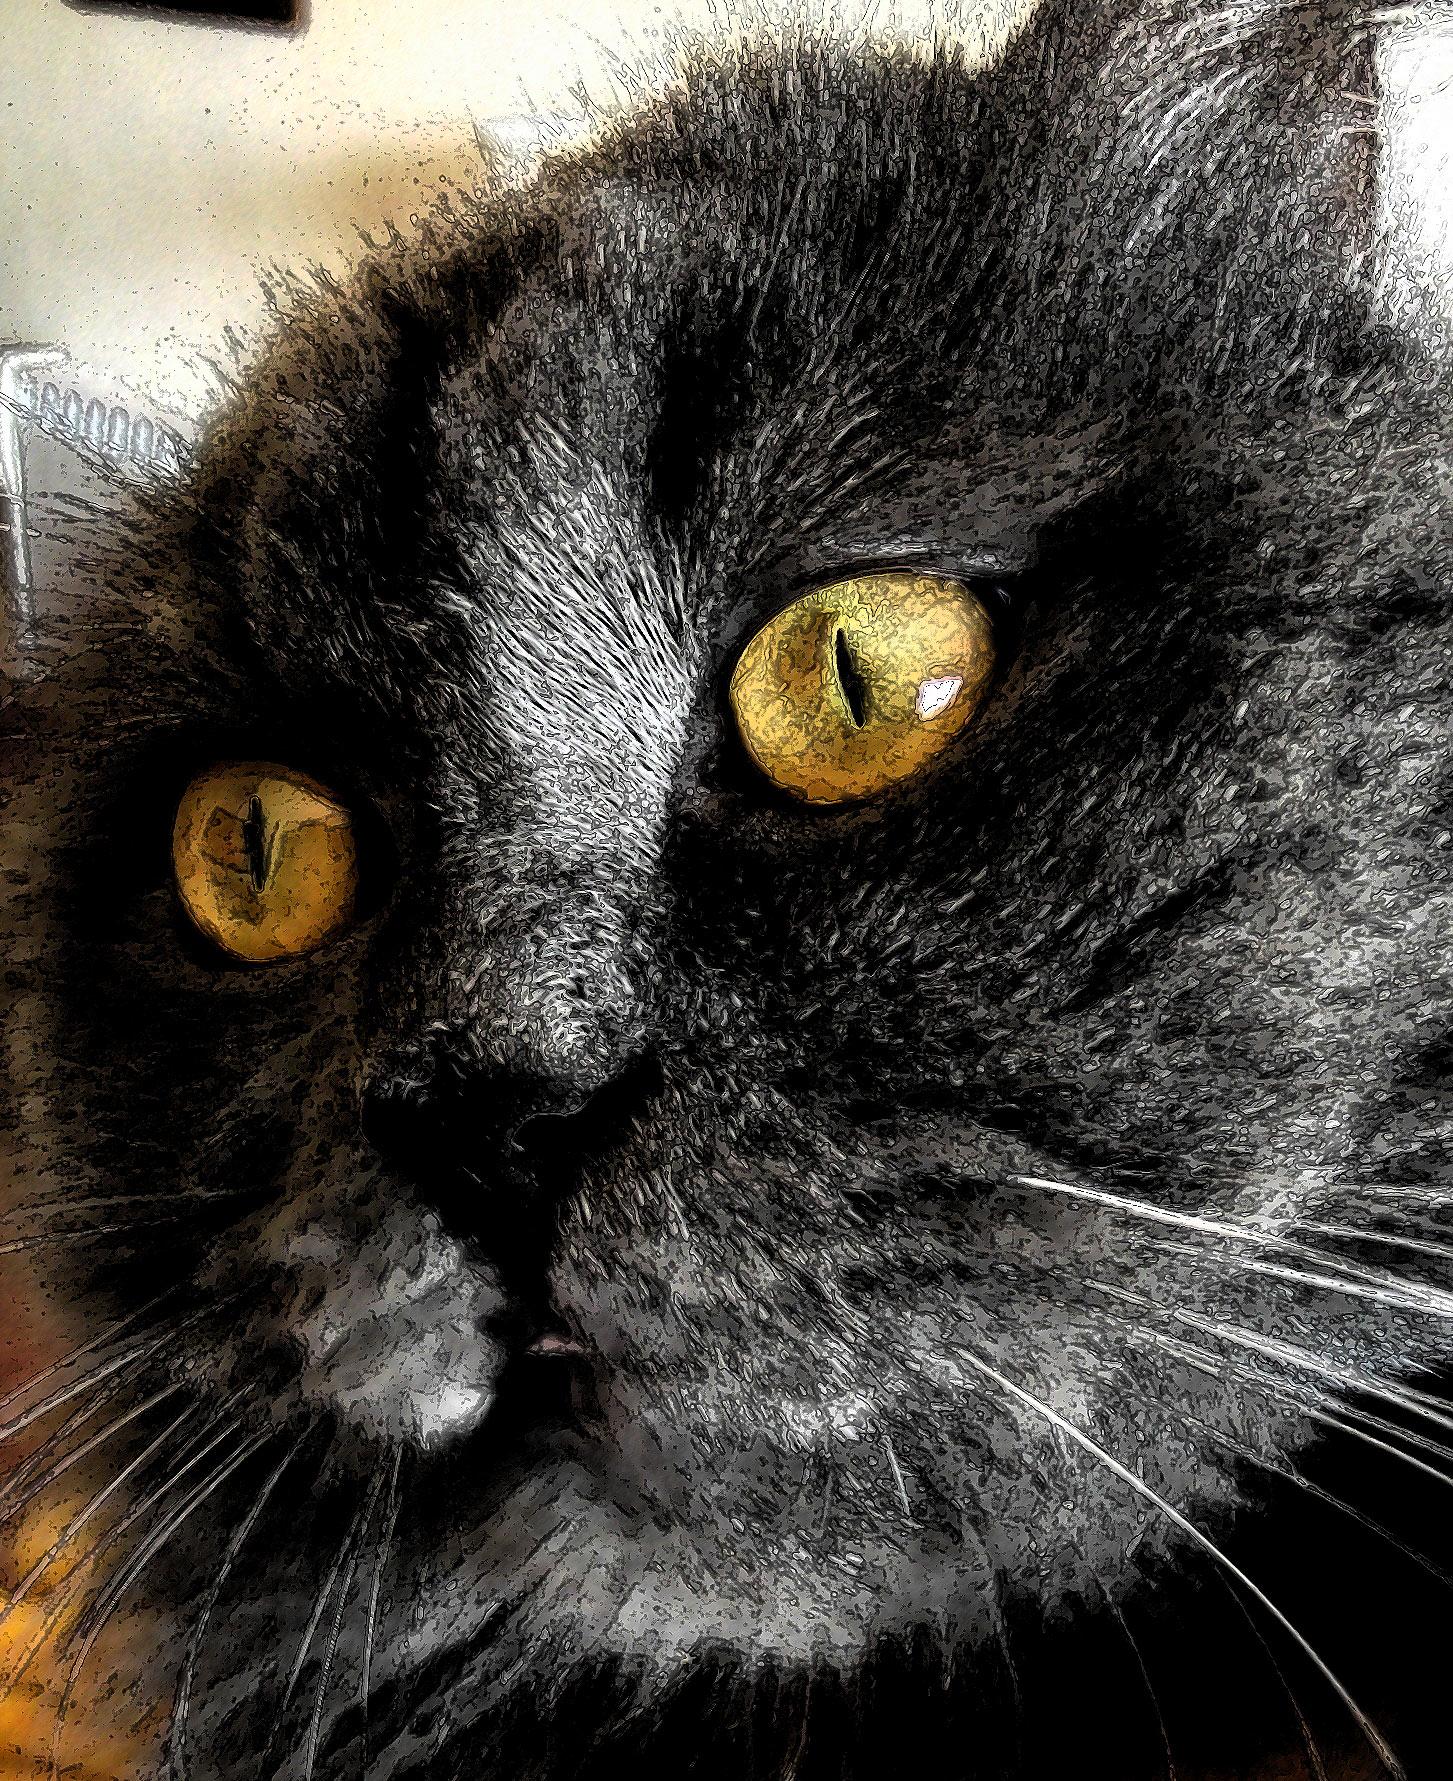 Ilustración gratis - Gato negro de ojos amarillos fuego